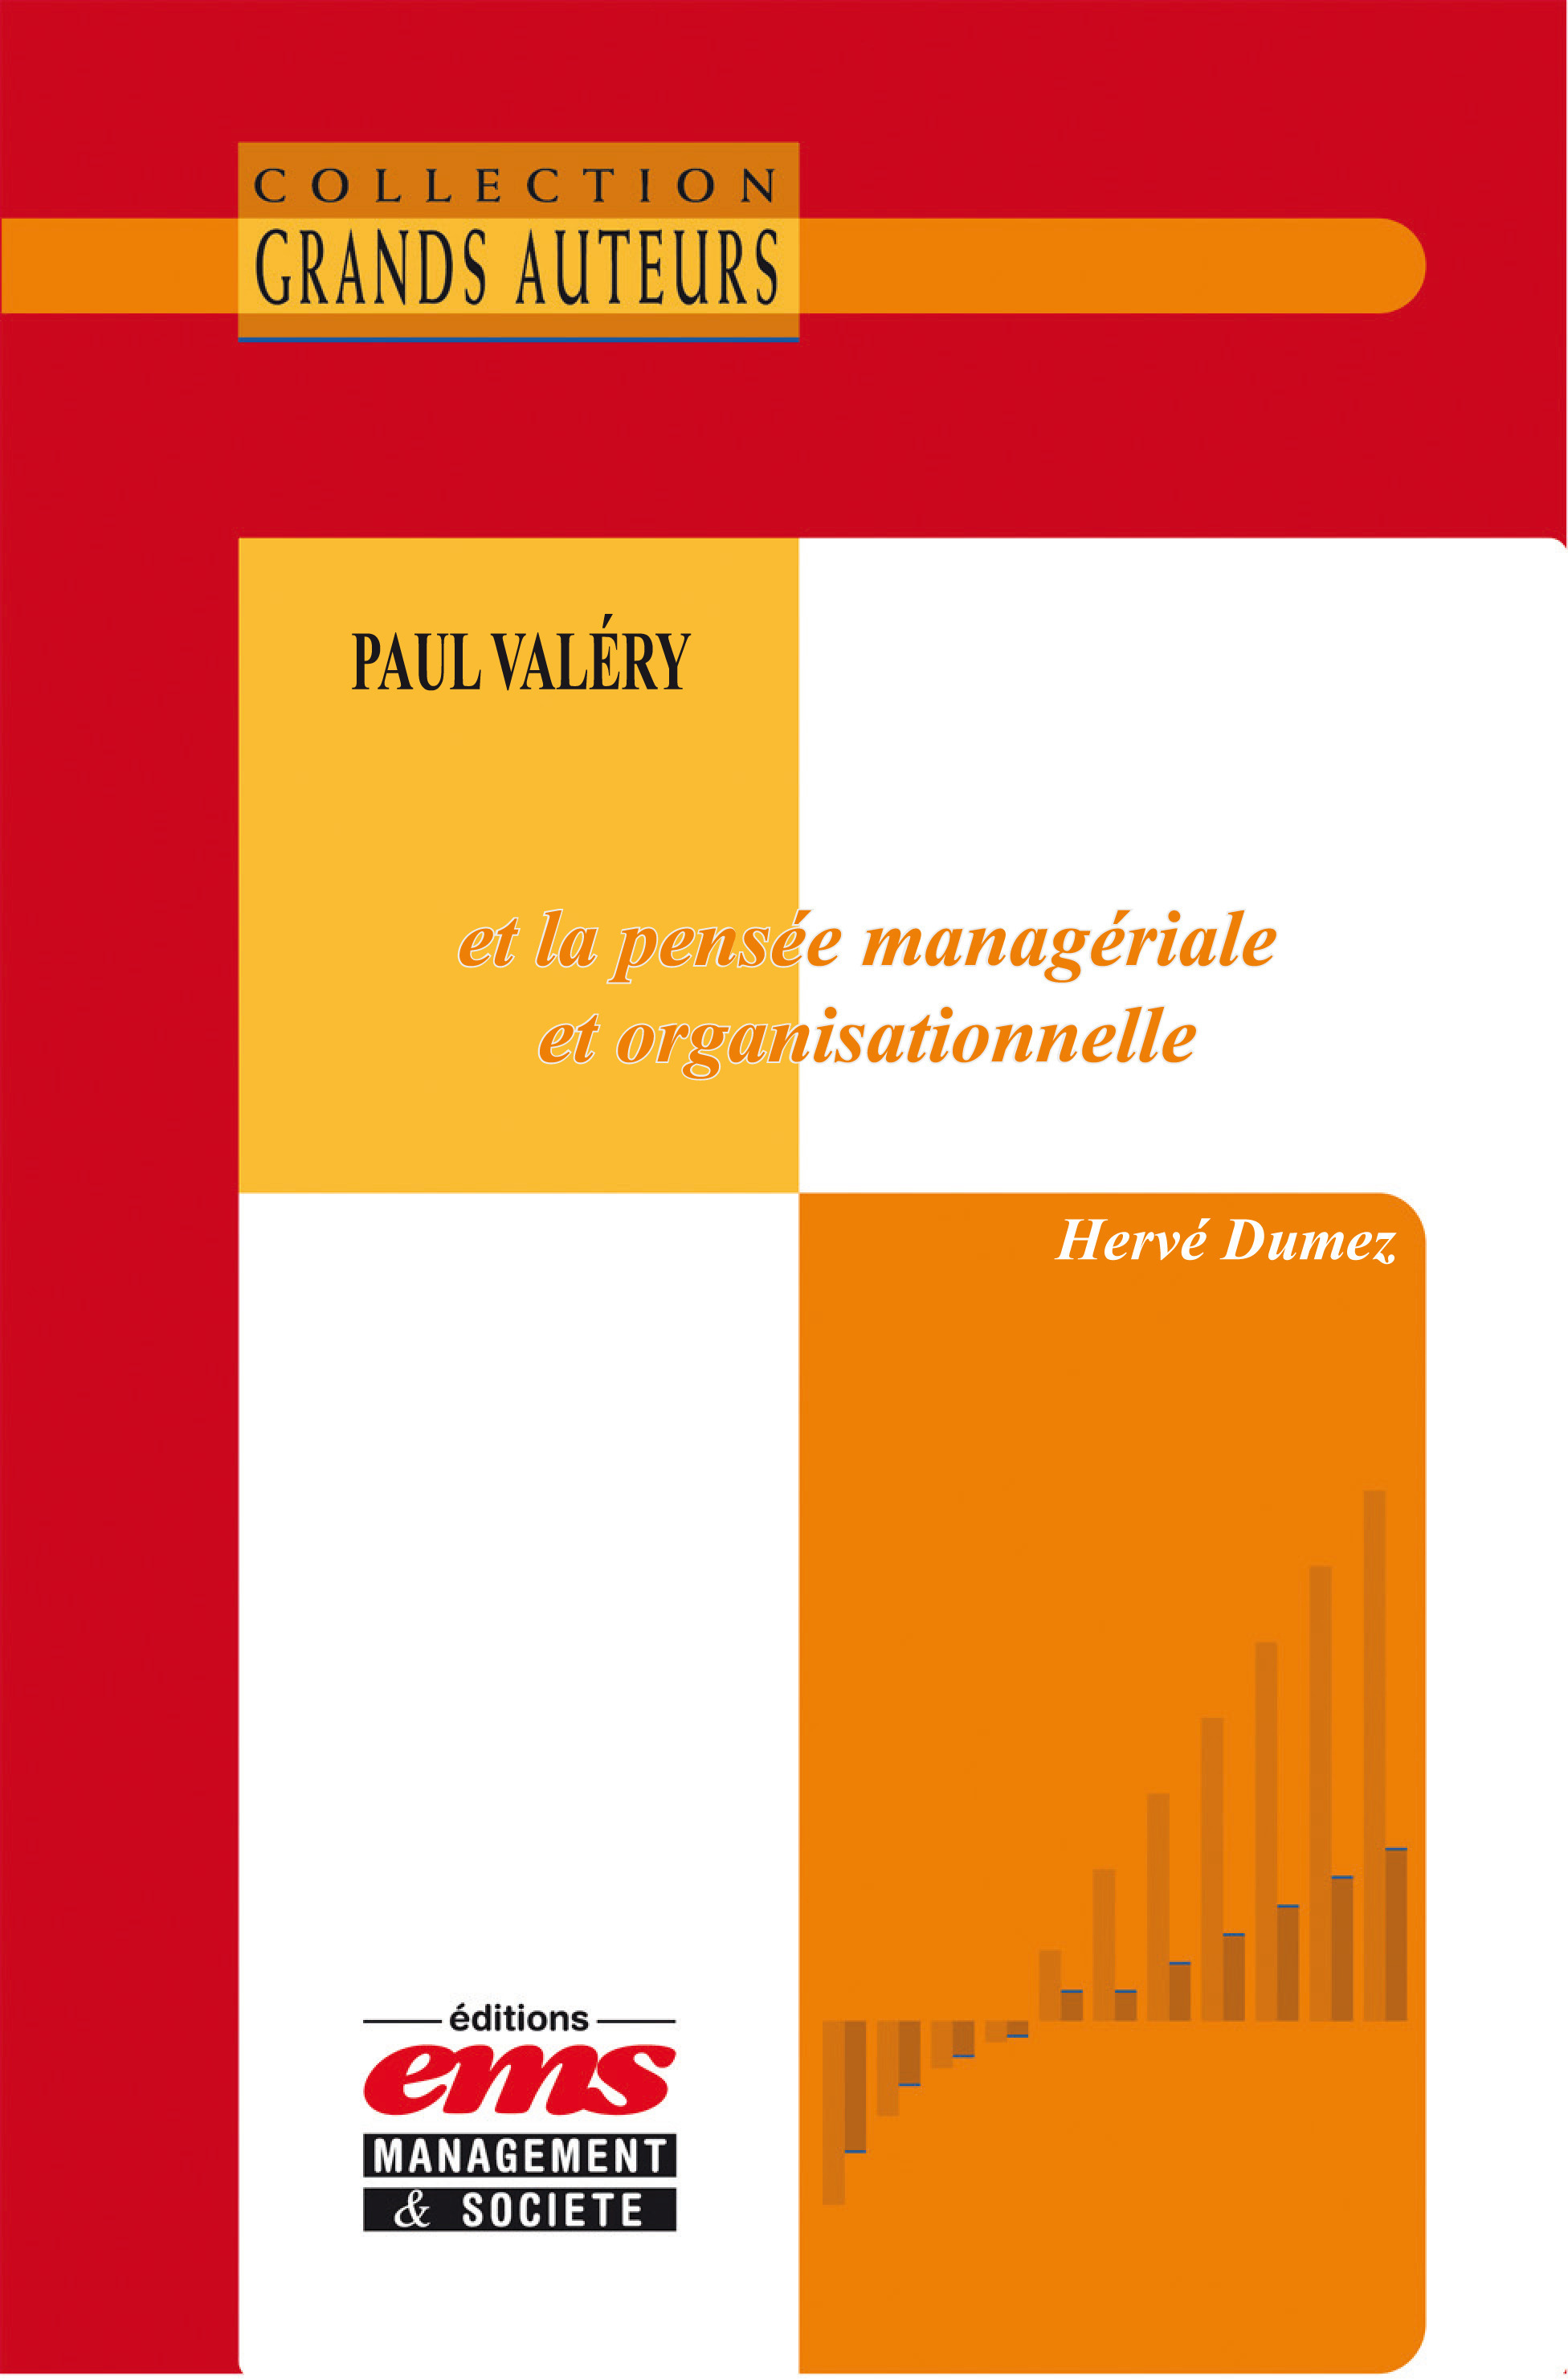 Paul Valéry et la pensée managériale et organisationnelle